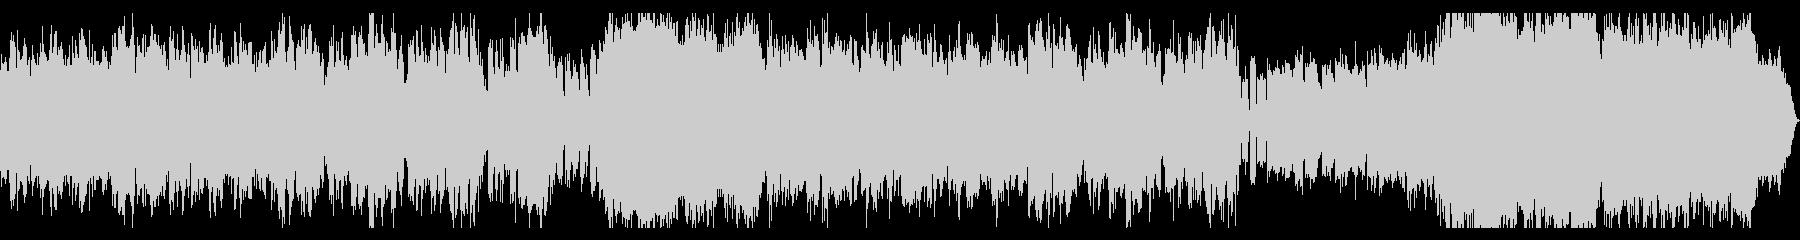 ホラー系ダークな曲 ベースとオーケストラの未再生の波形